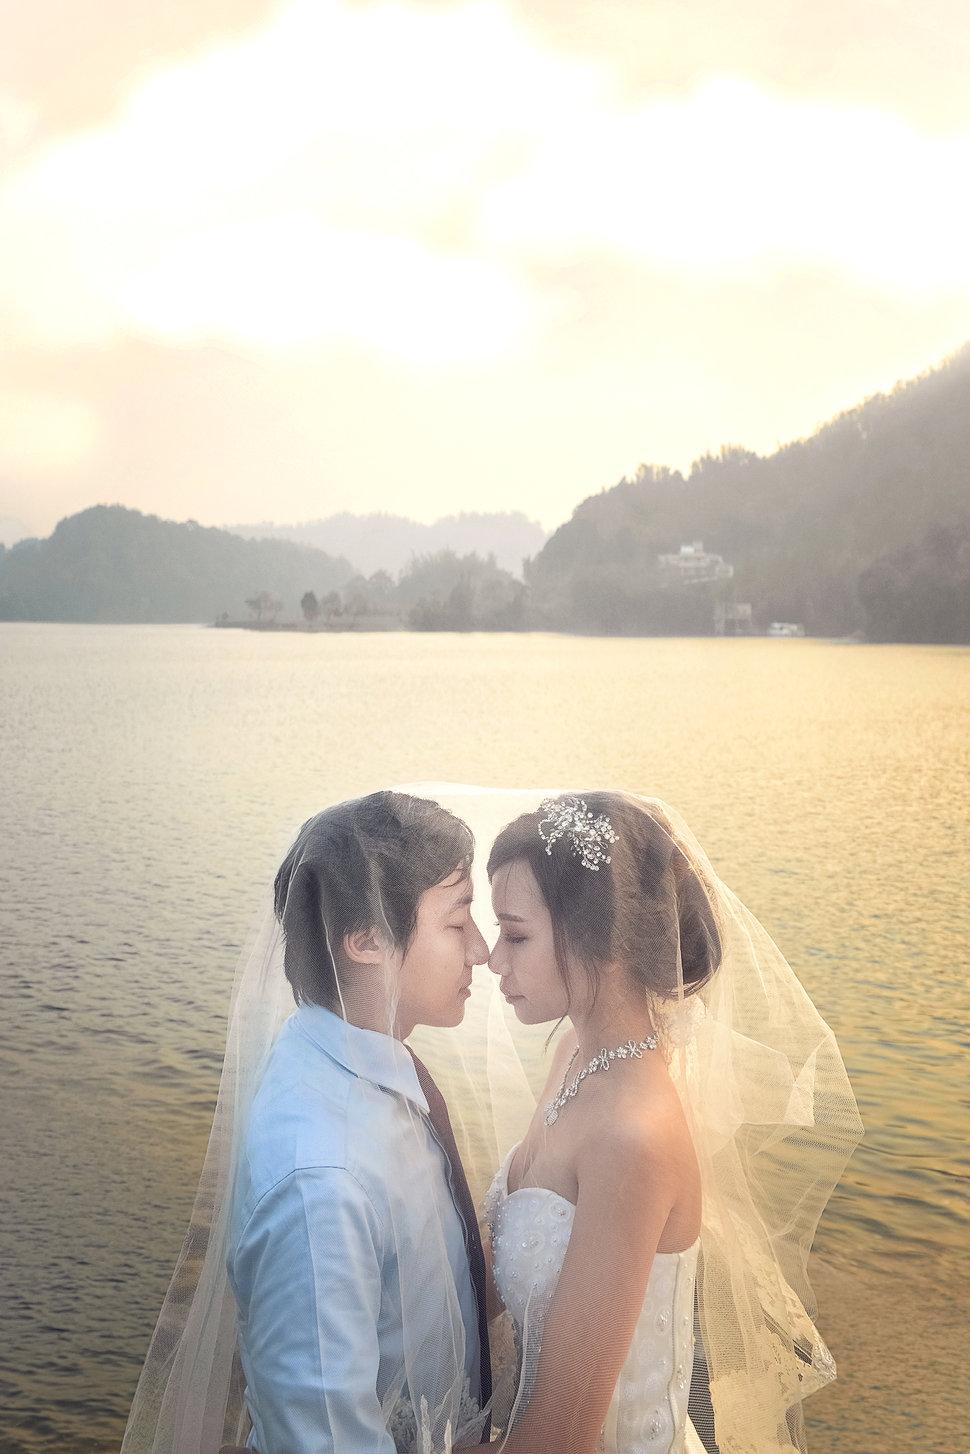 01 (03) - V.S.C攝影工作室 - 結婚吧